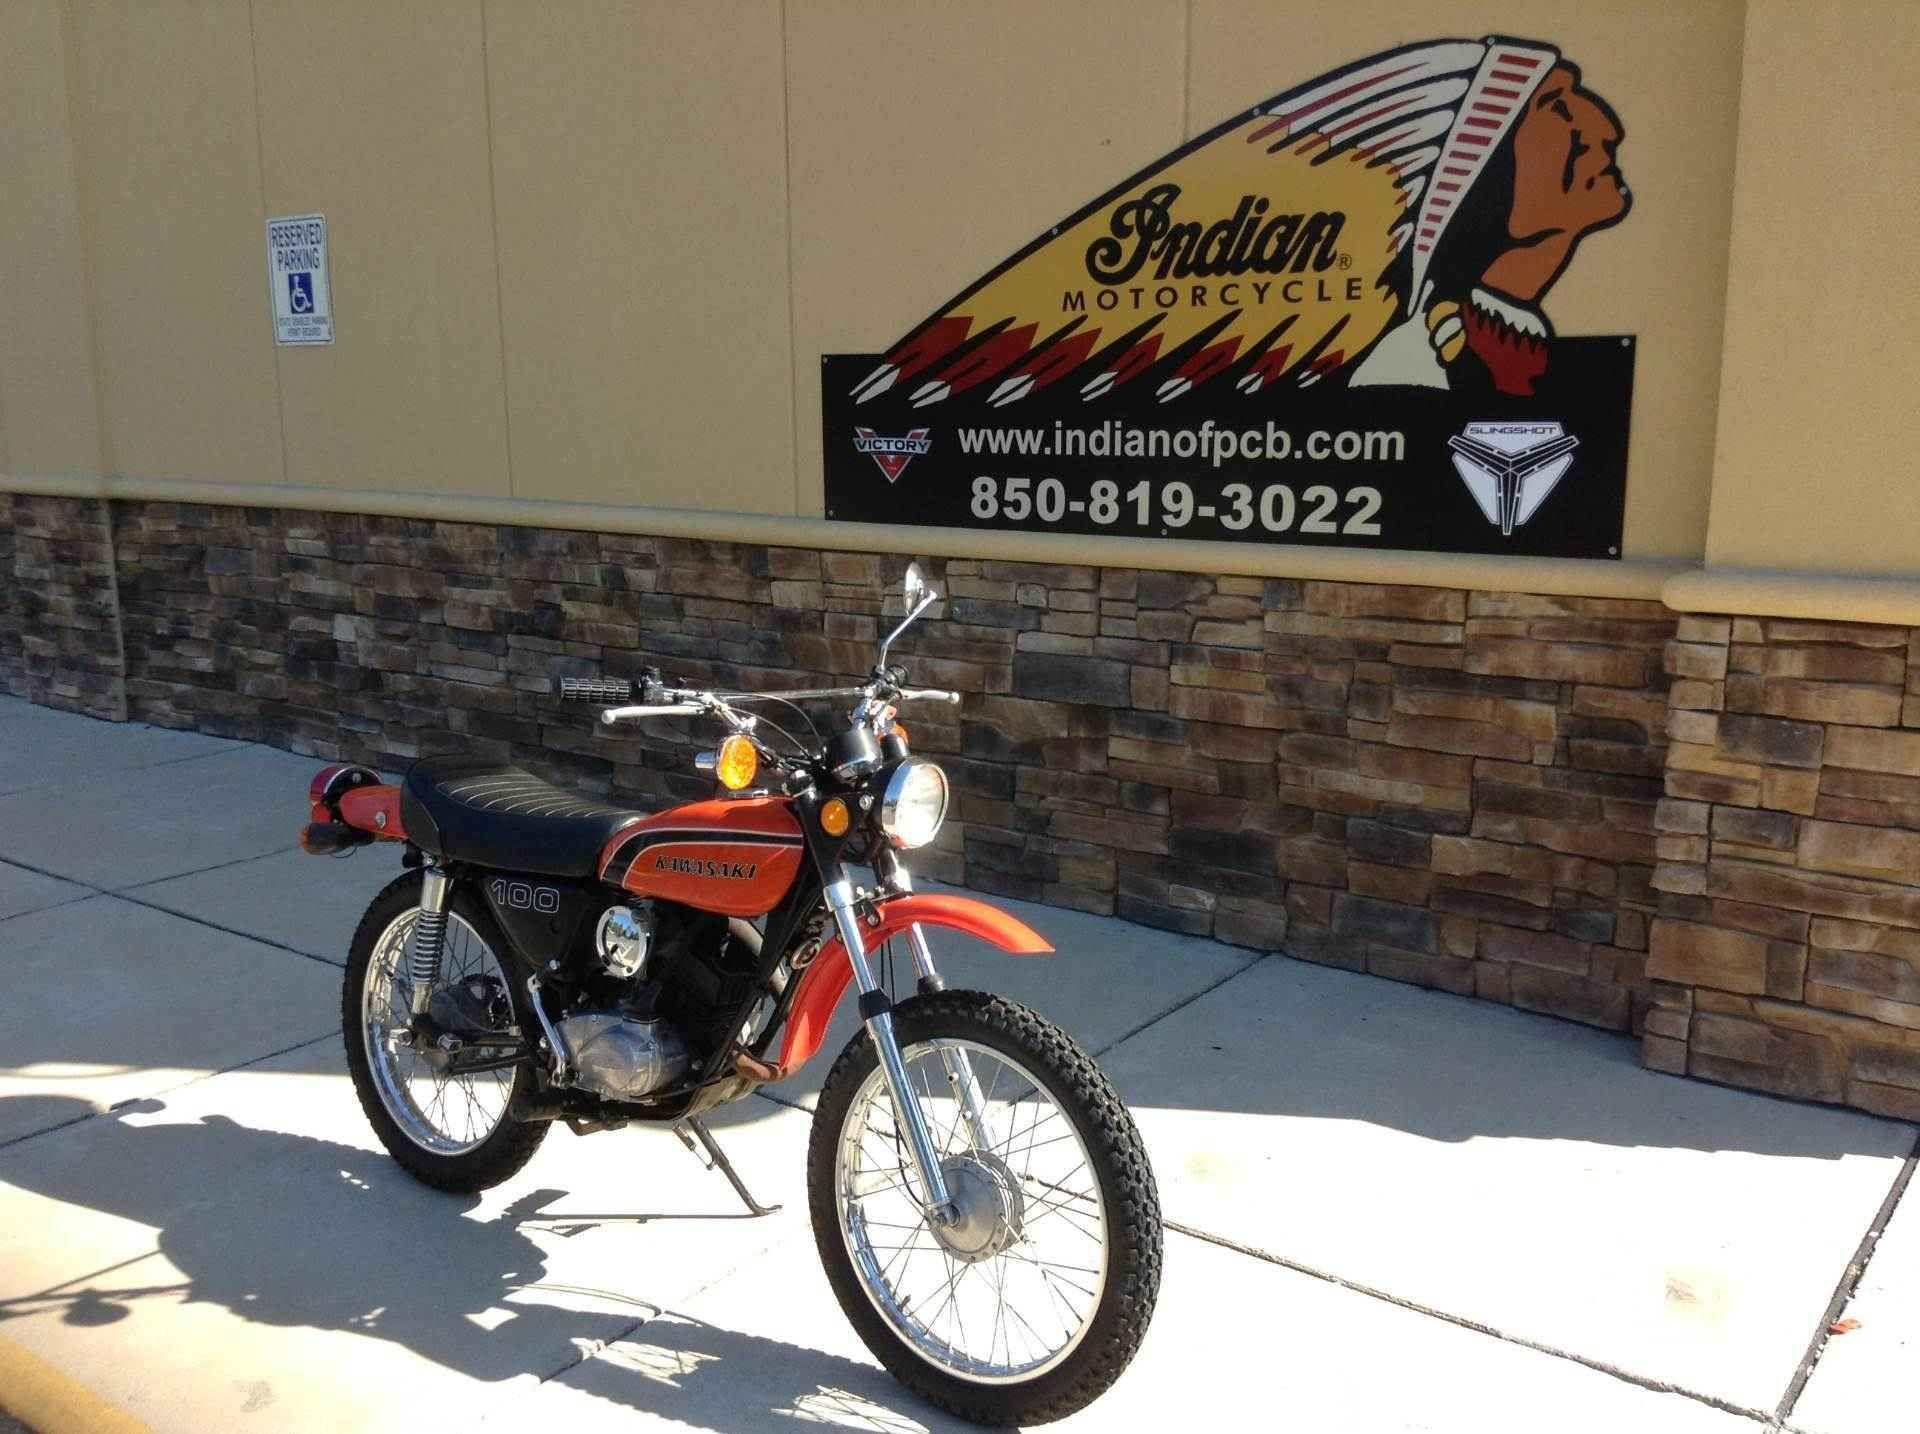 1974 Kawasaki G5 100 Motorcycle Motorcycles For Sale Kawasaki